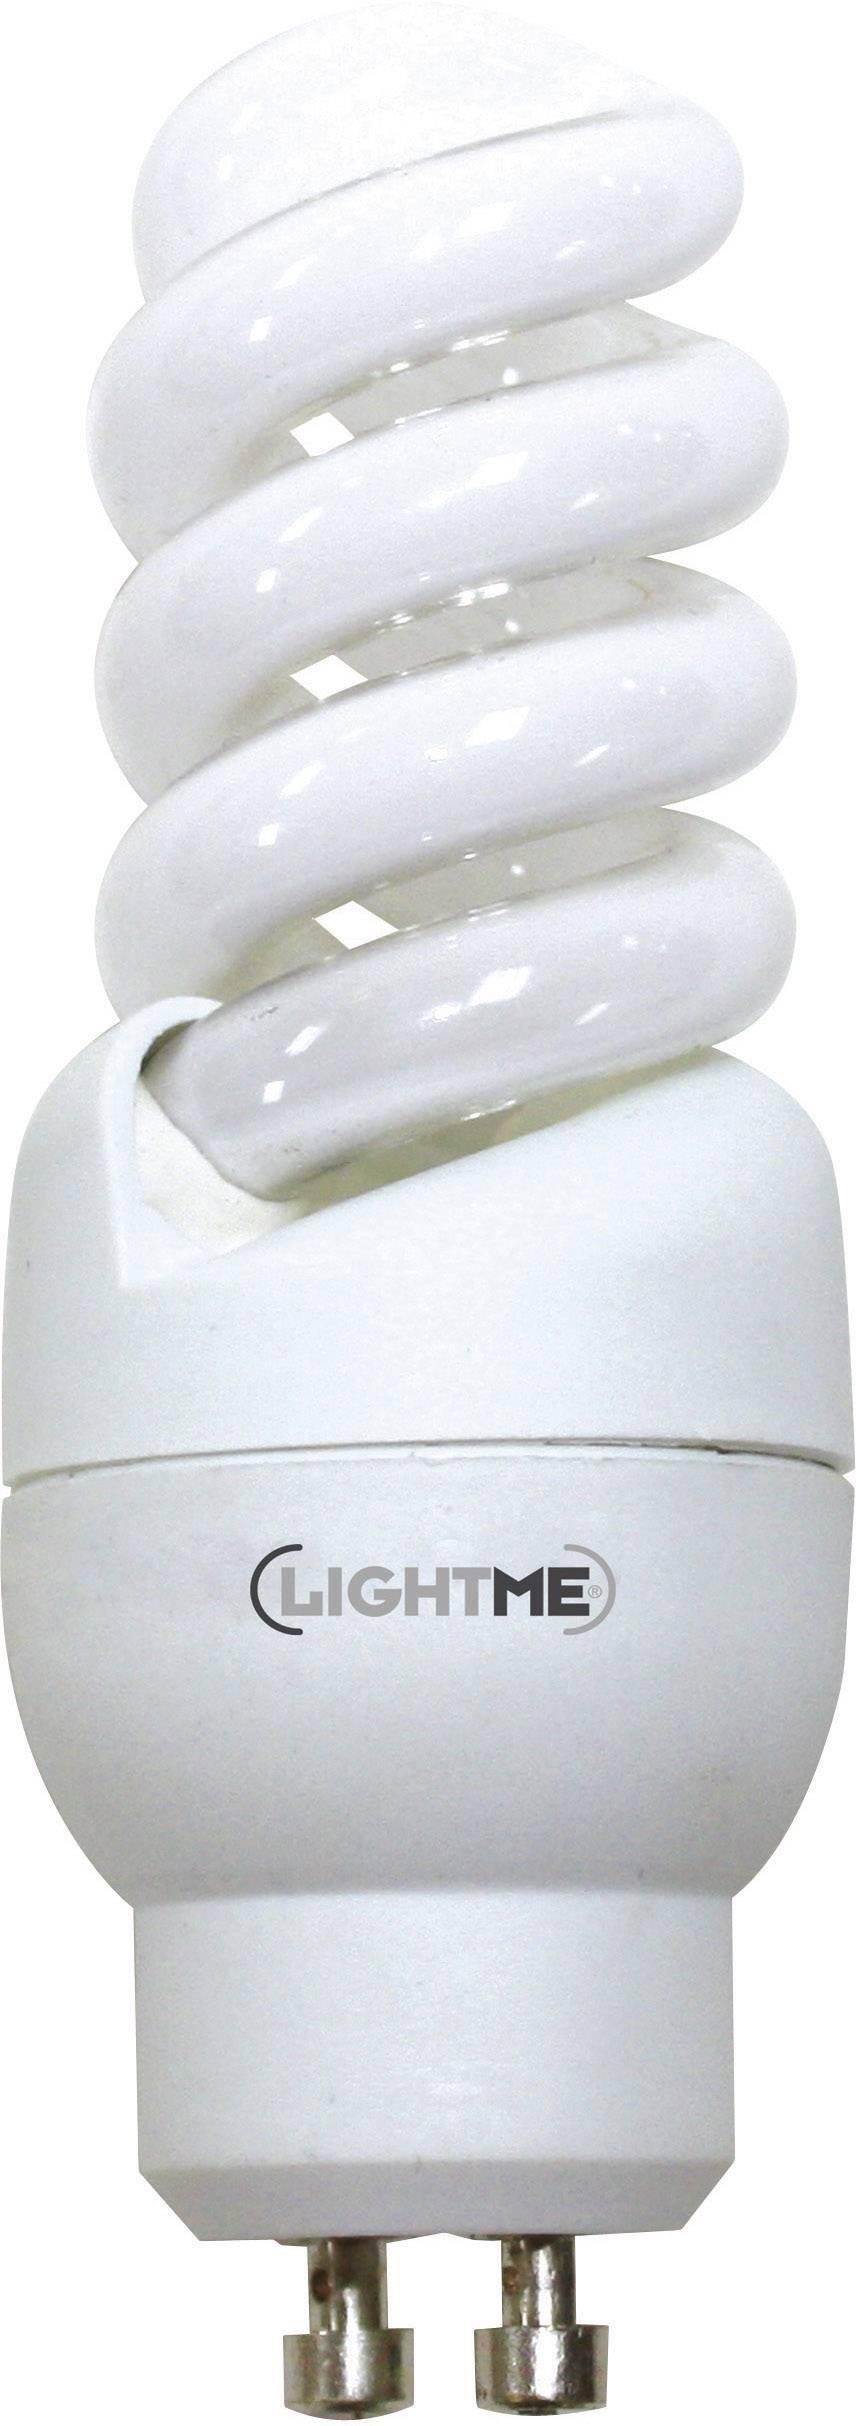 Úsporná žiarovka špirálová Light Full Spiral GU10, 9 W